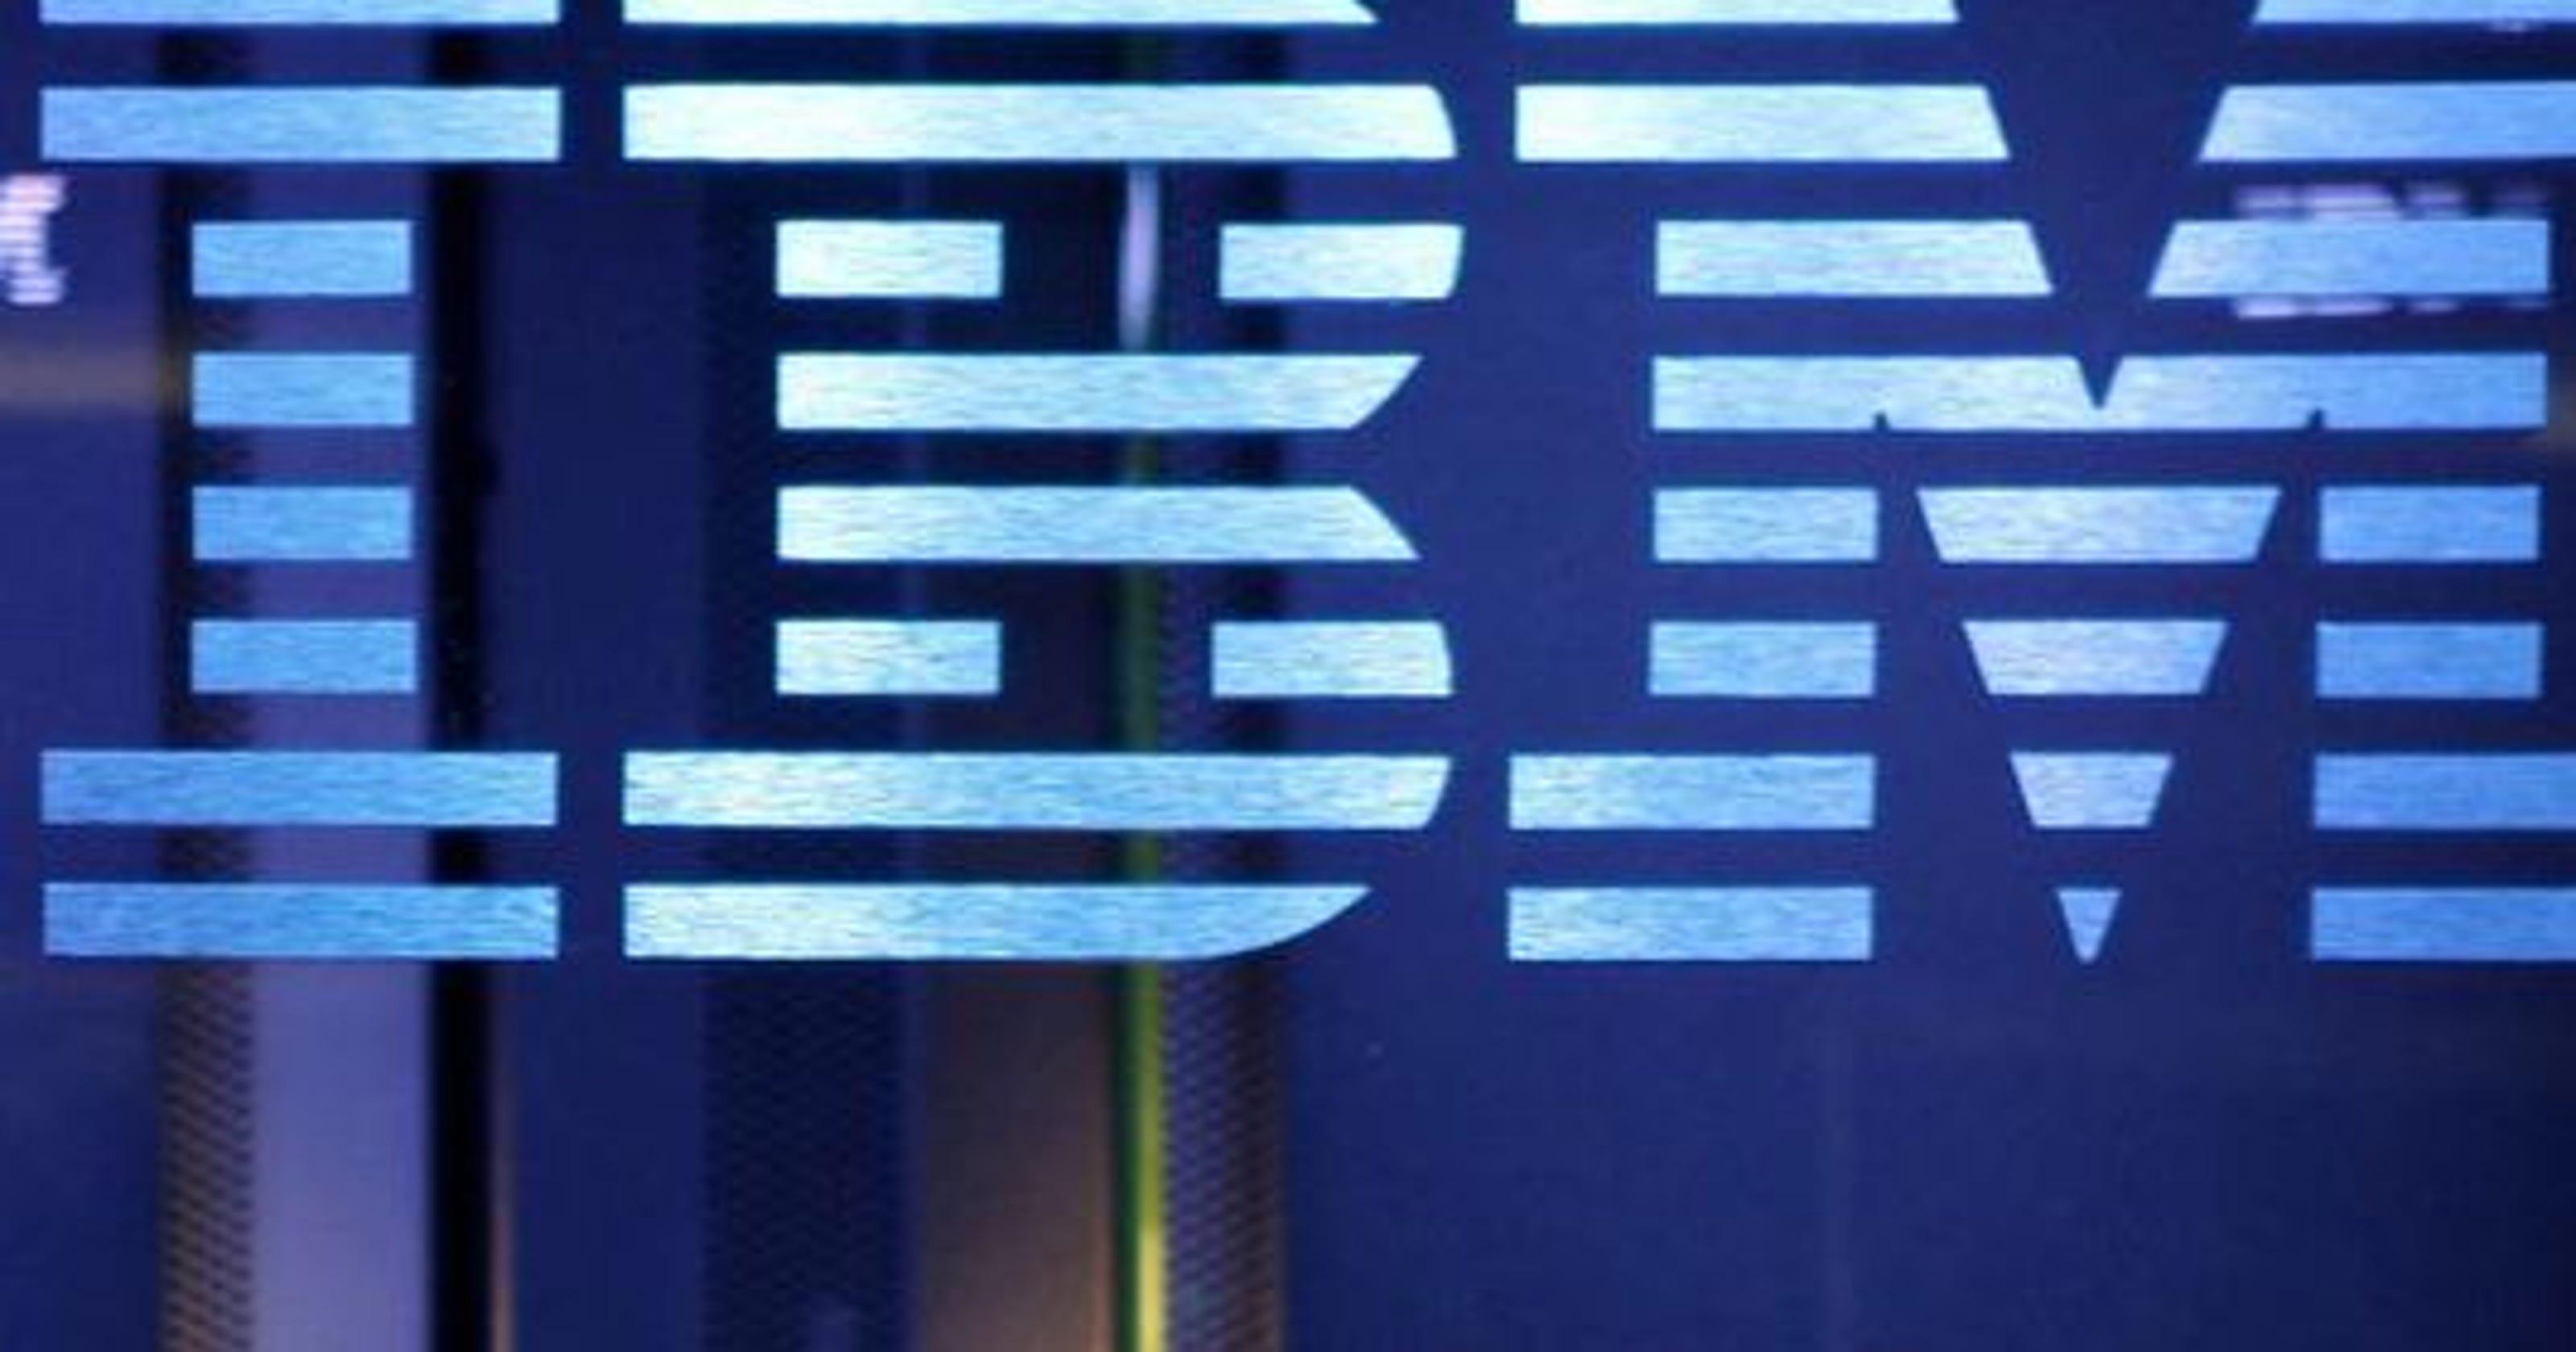 IBM calls sale